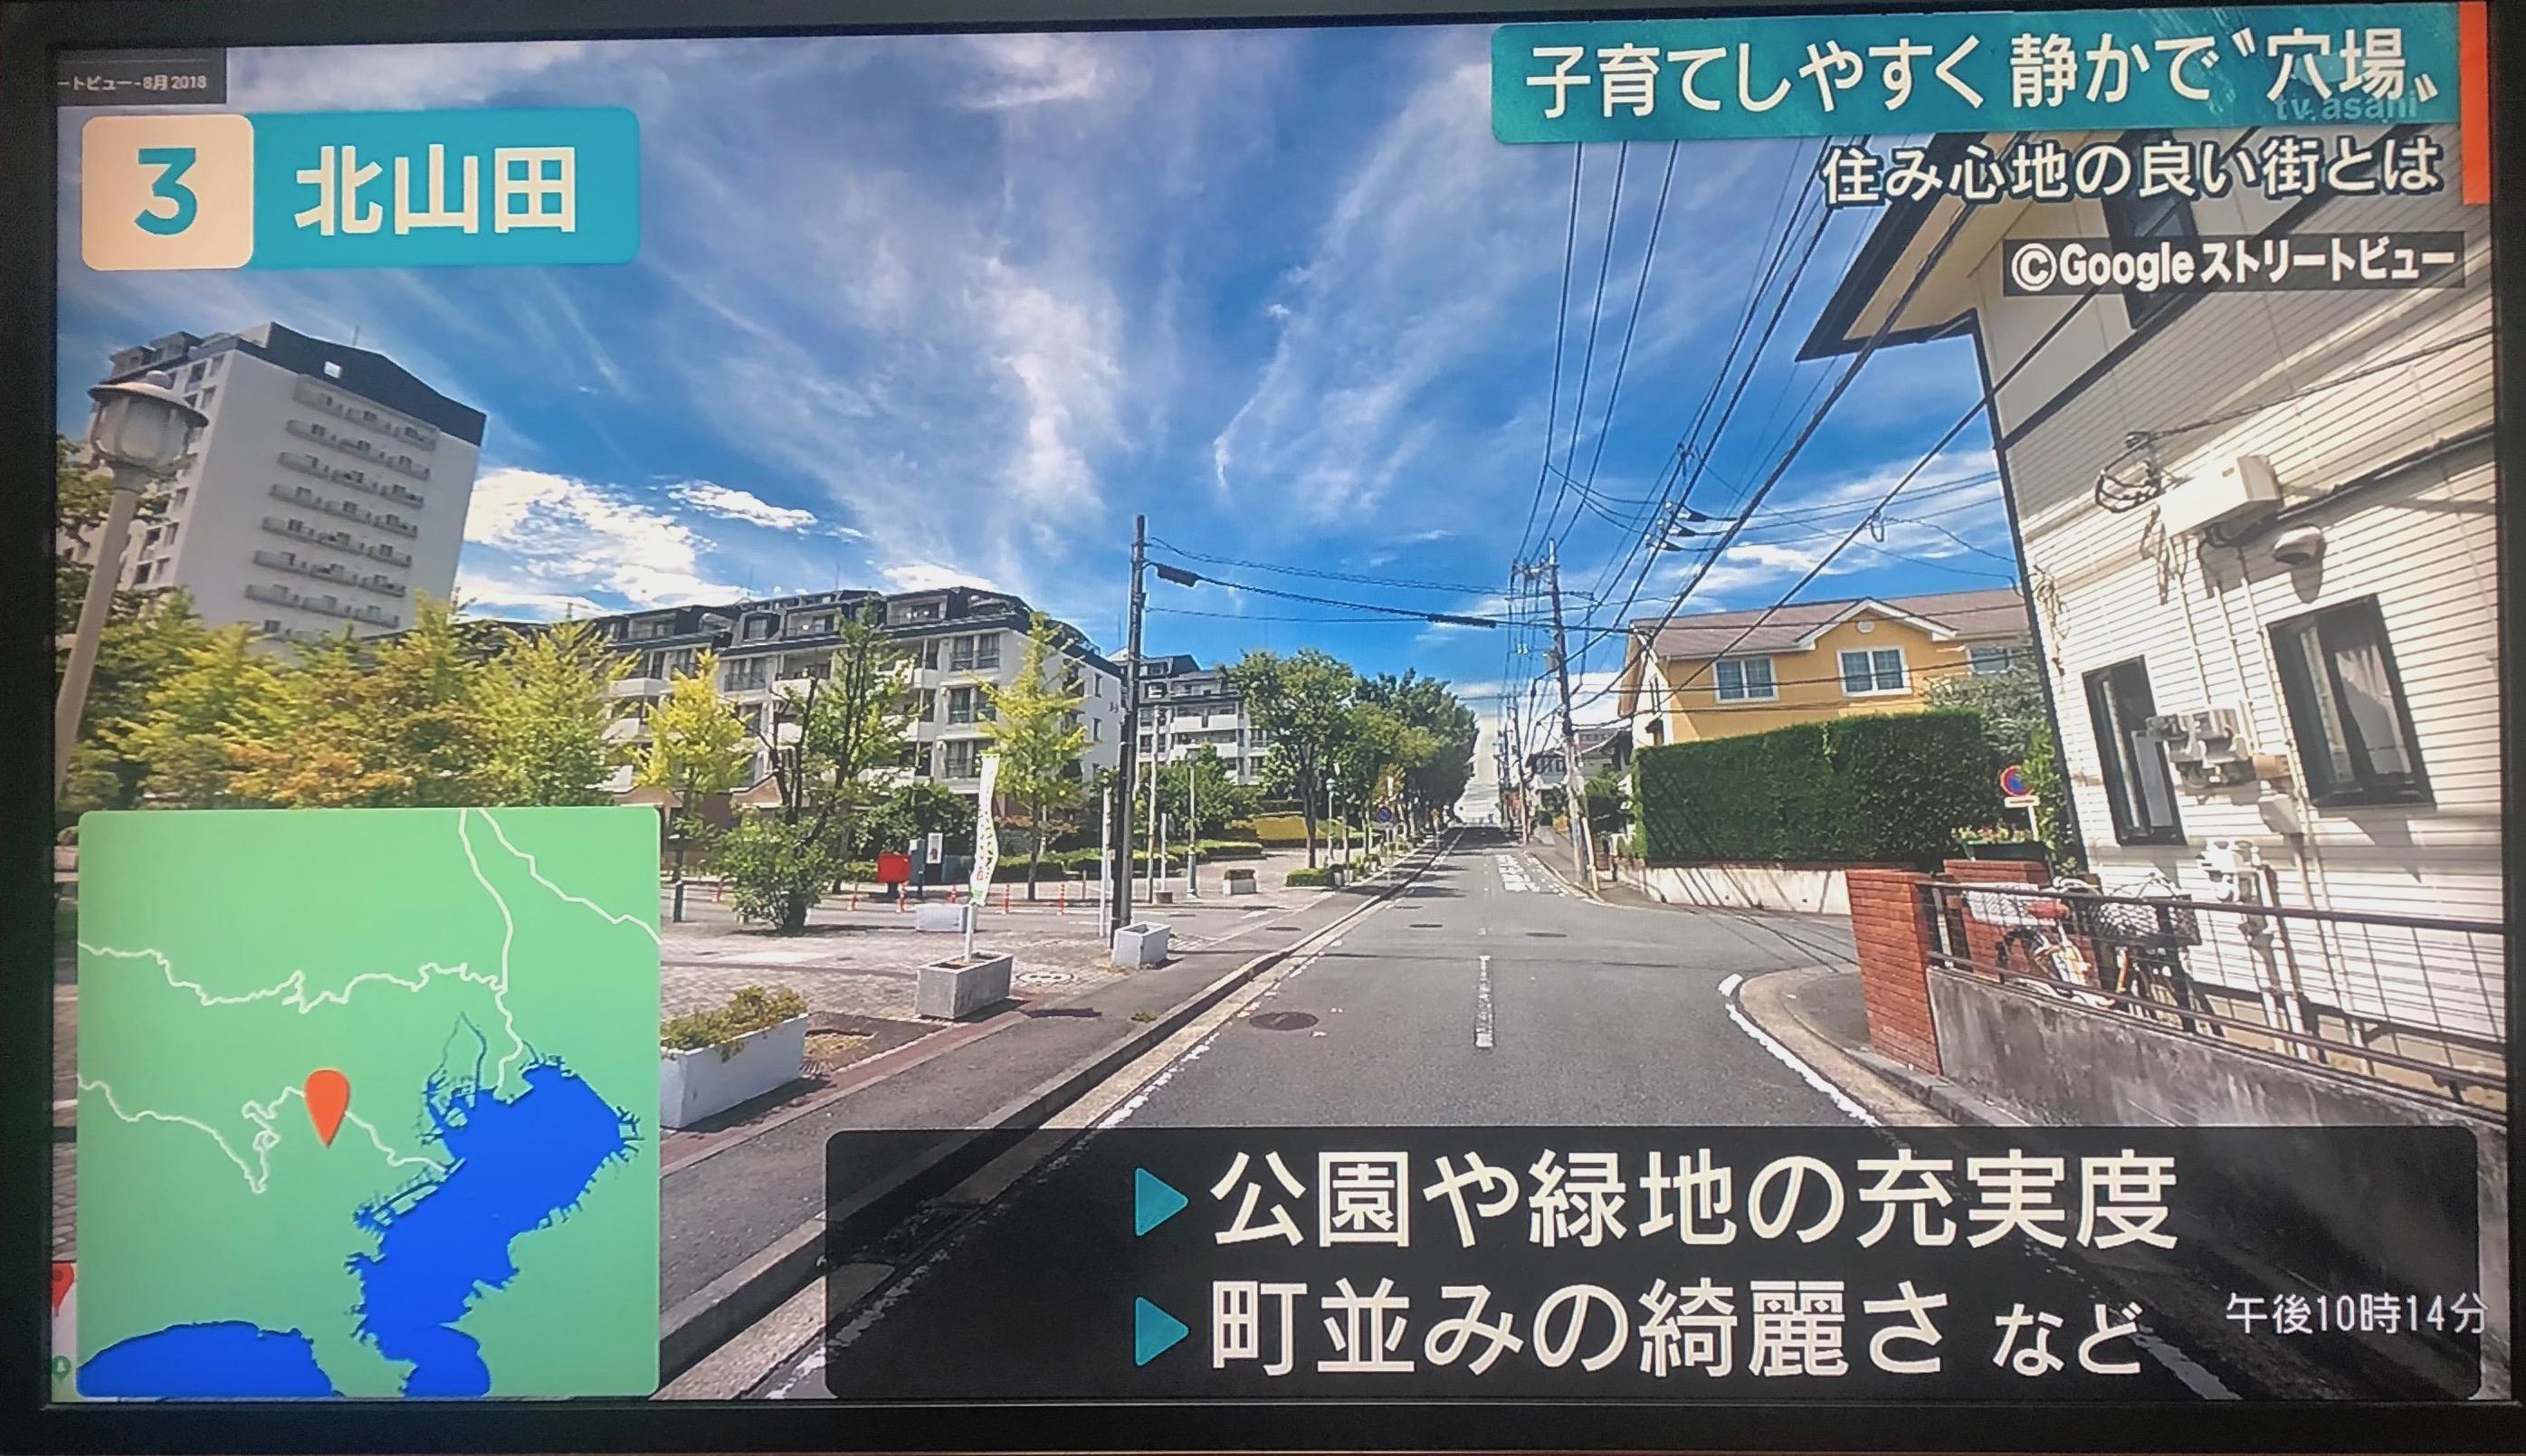 北山田(神奈川県横浜市)が住みここちランキング3位に!